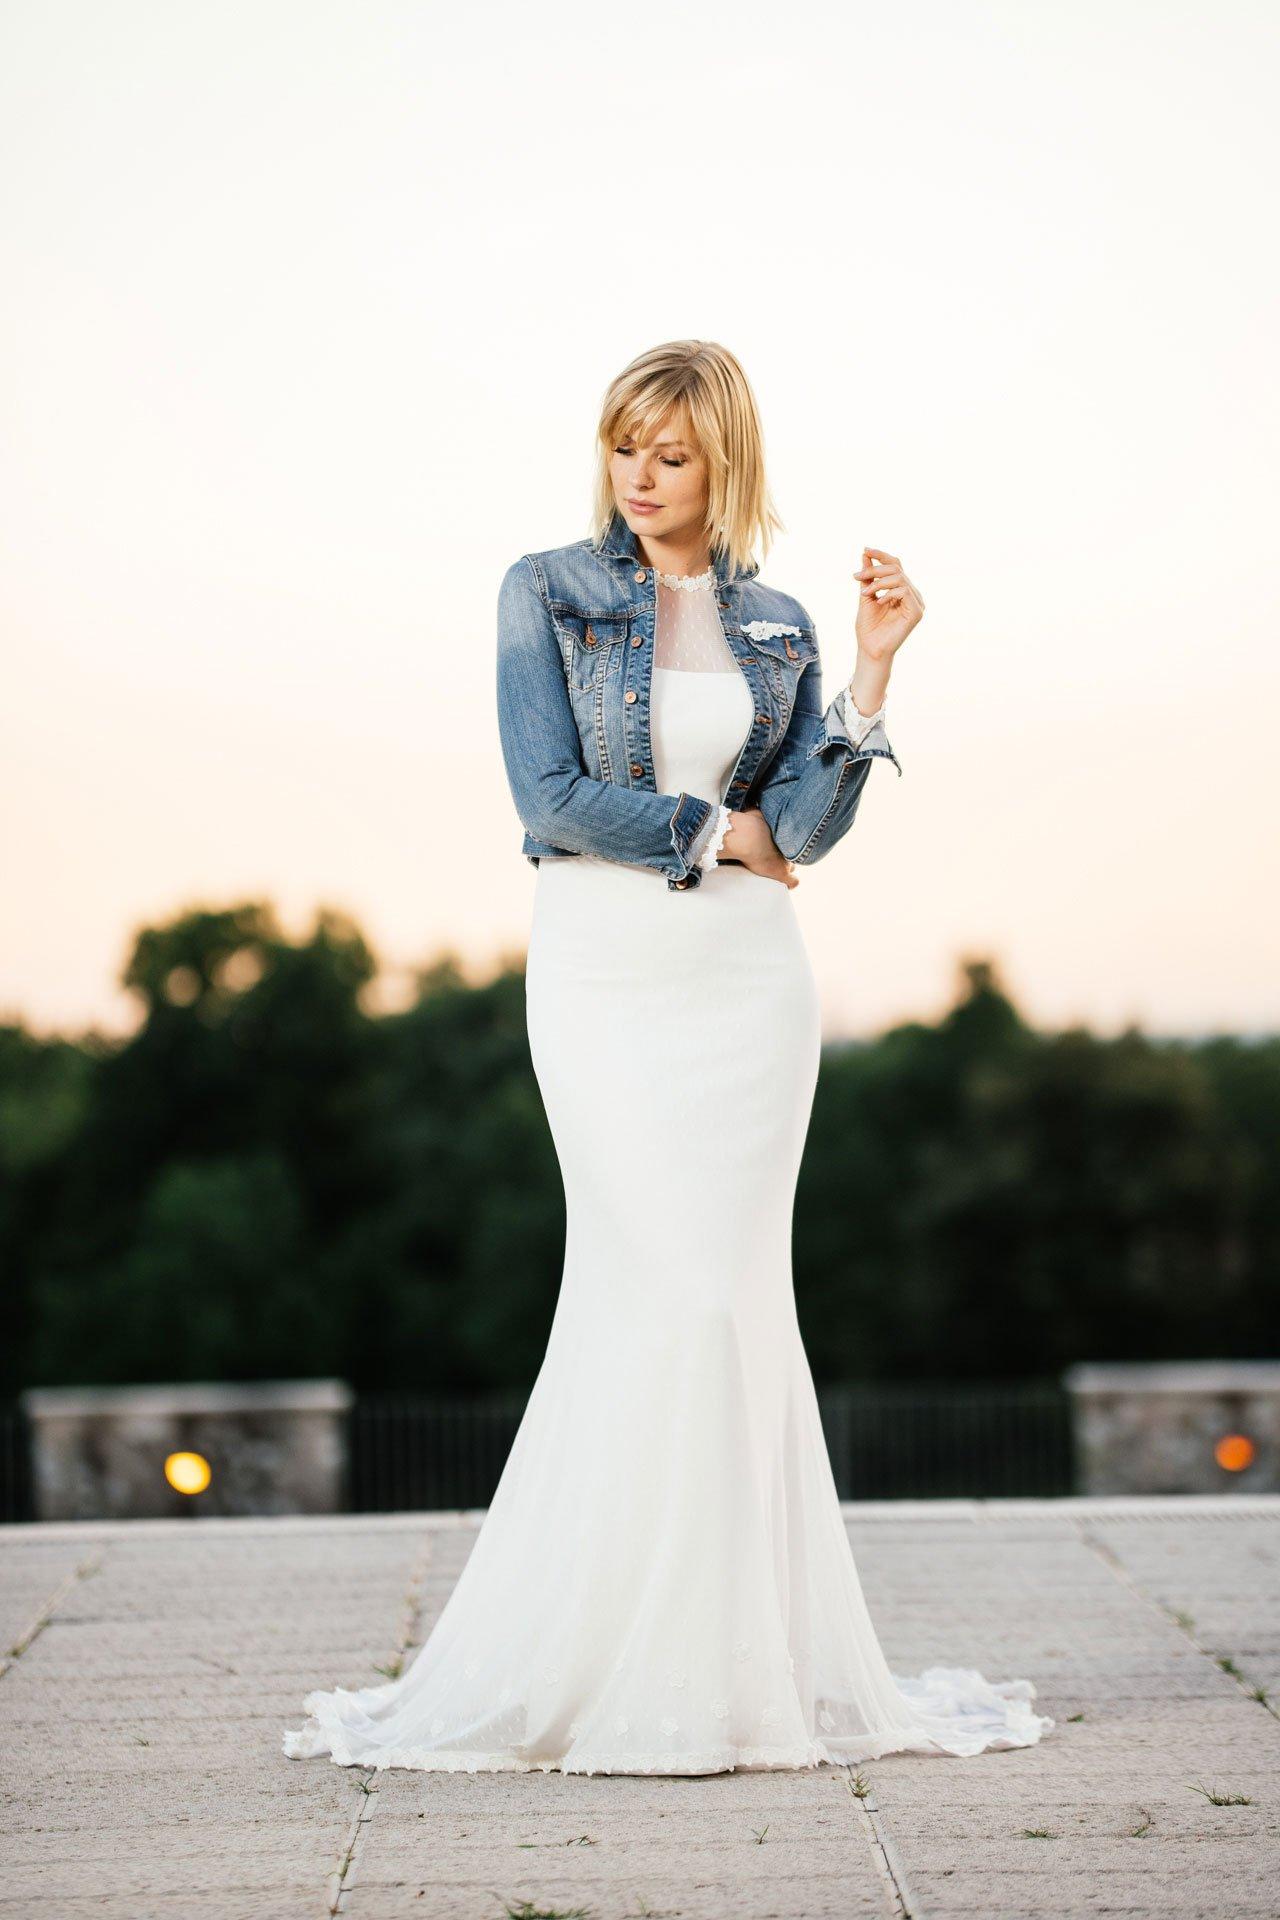 Brautkleid mit Ärmeln kombiniert mit Jeansjacke